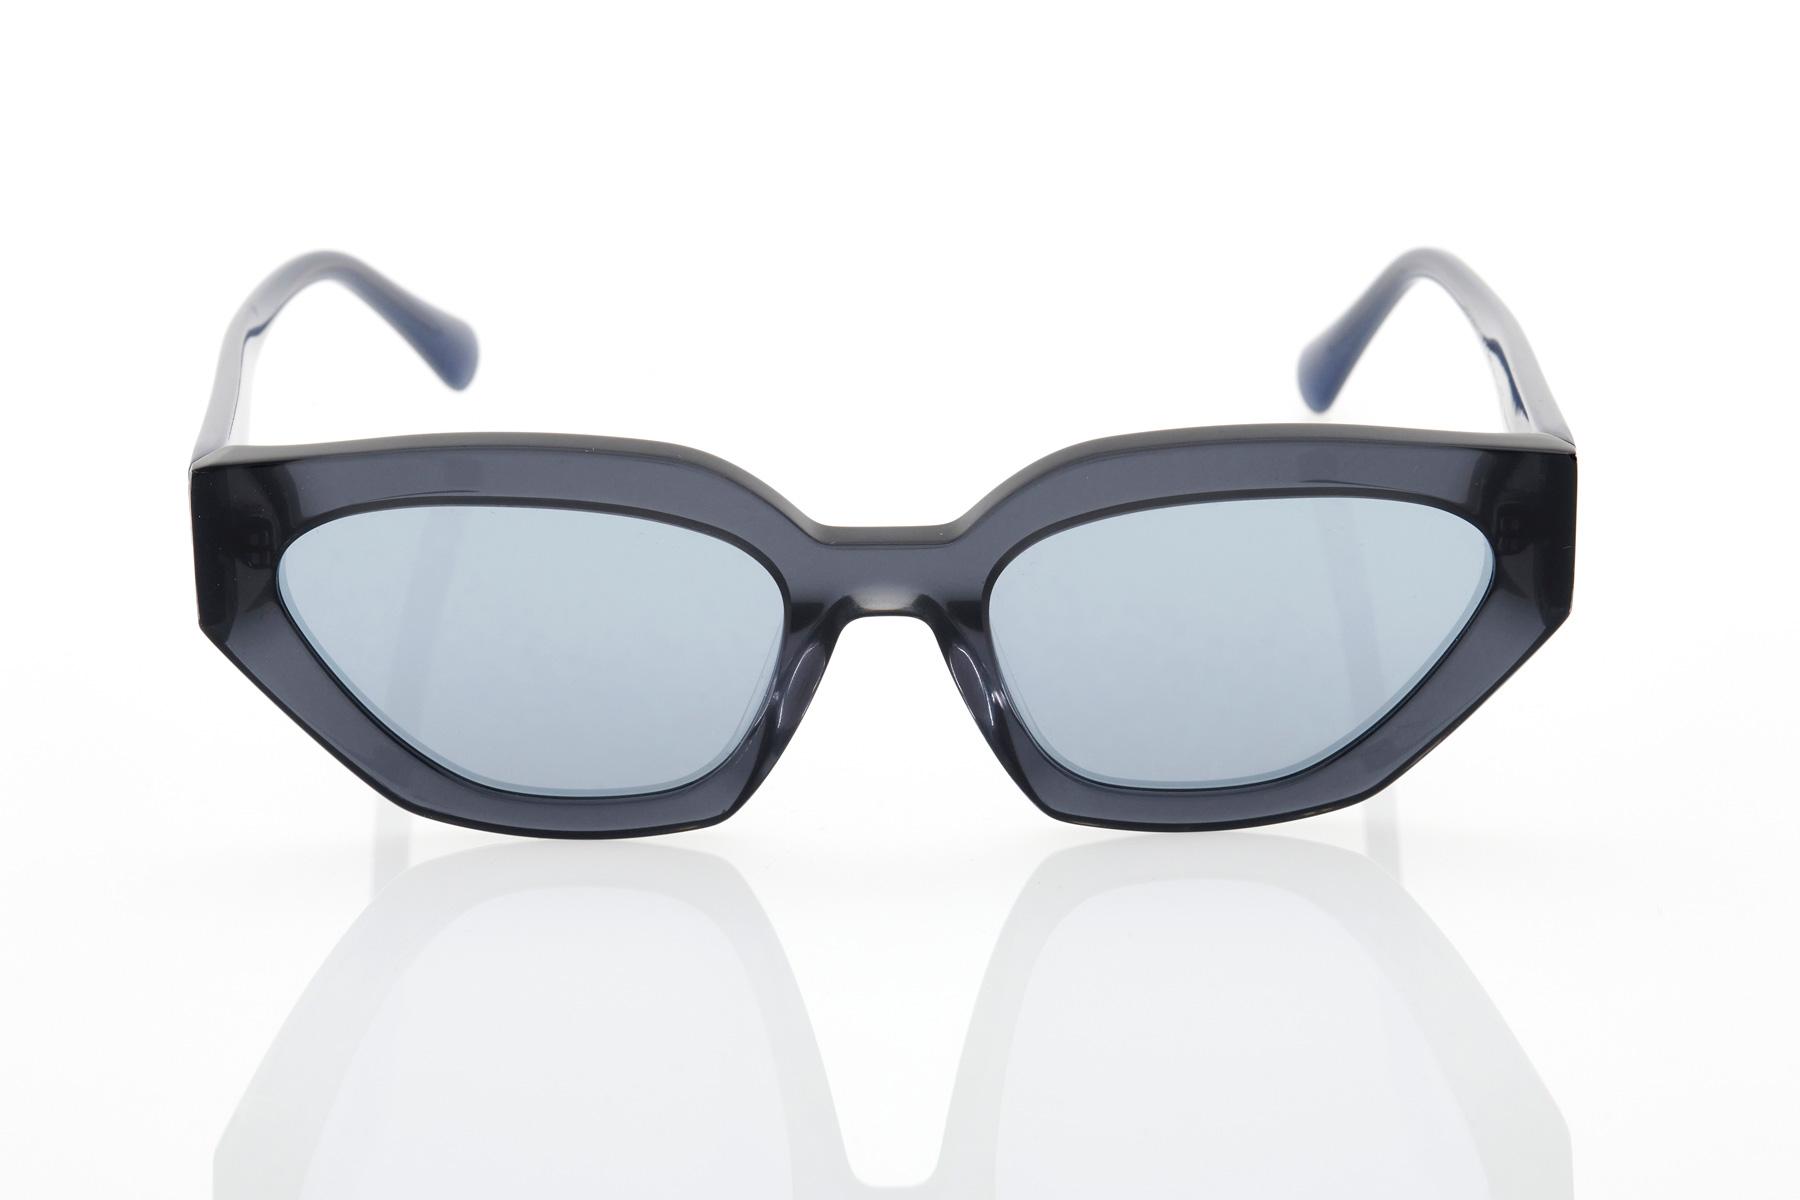 Γκρι Γυναικεία Γυαλιά Ηλίου Hawkers Olwen Grey